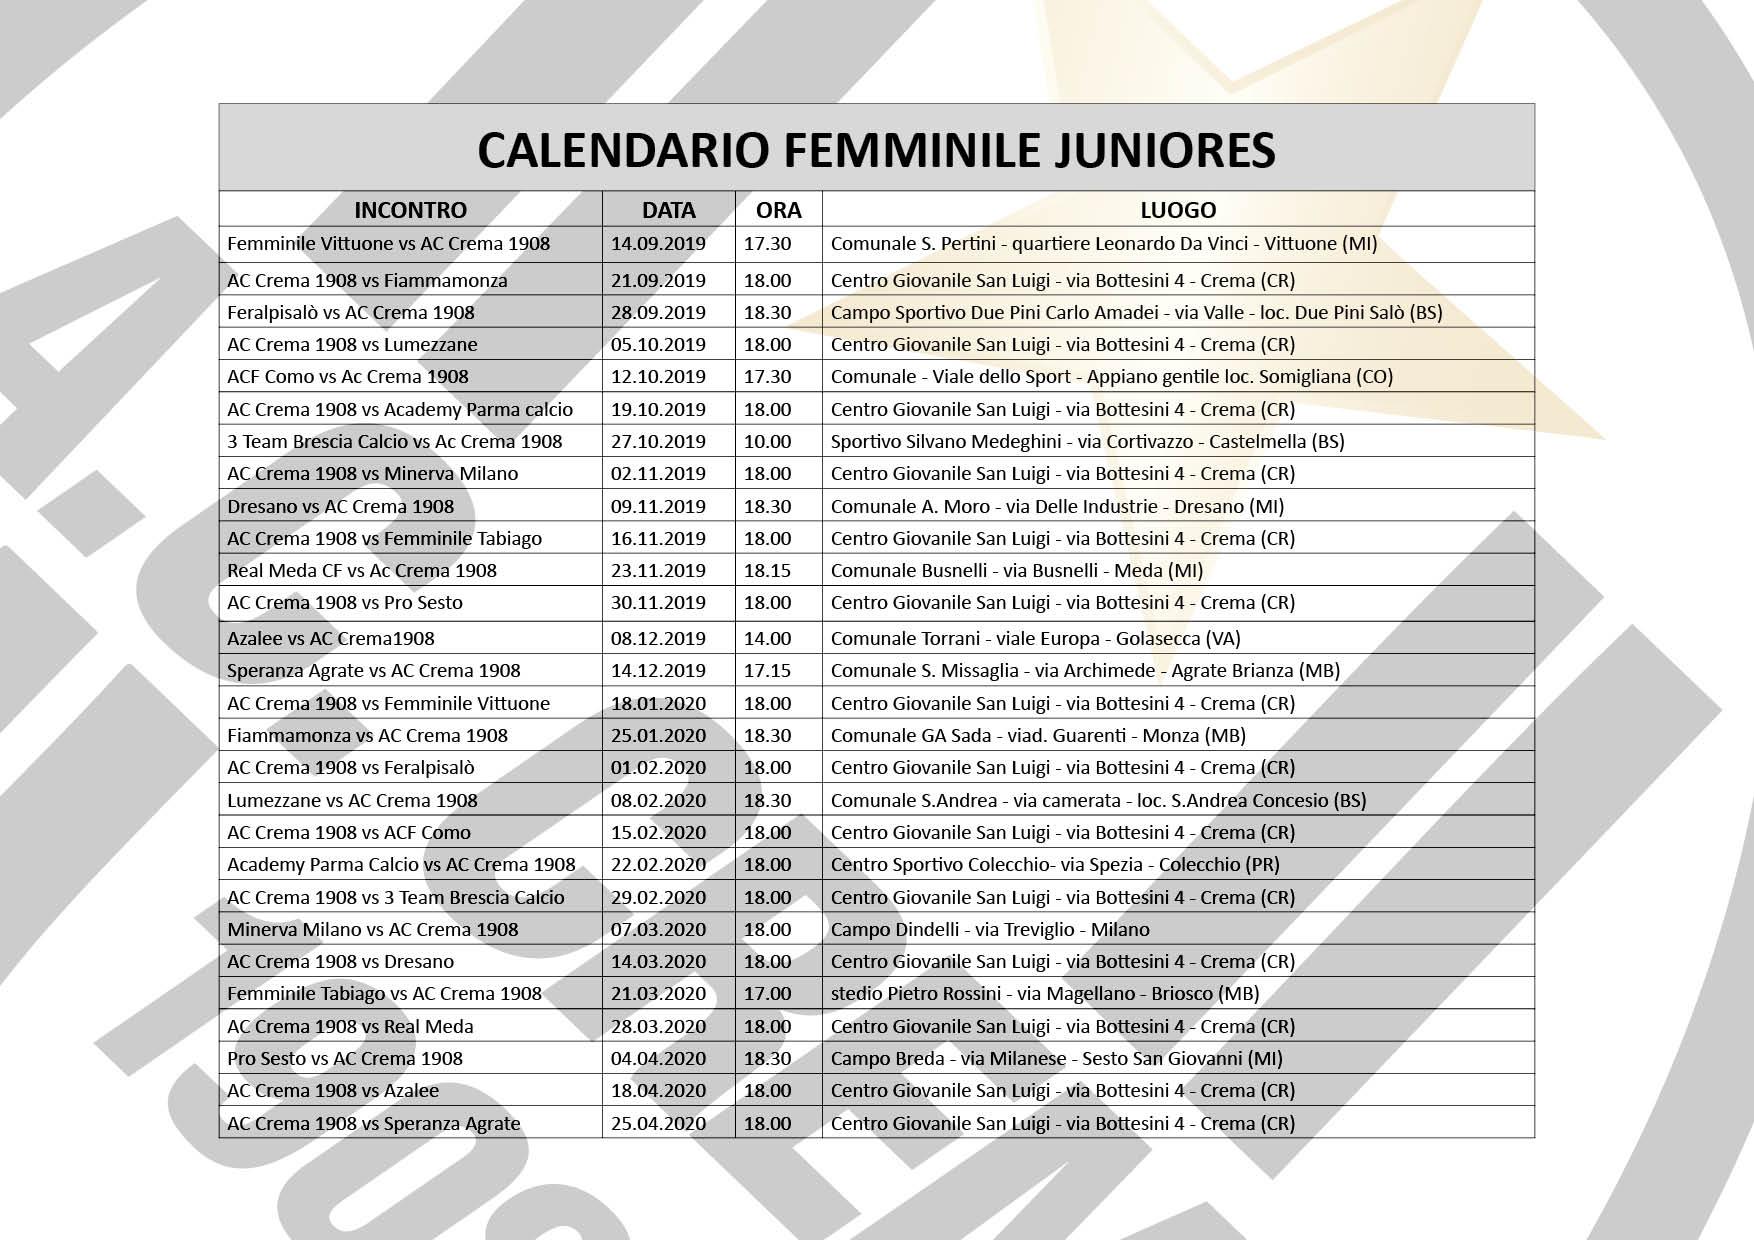 calendario femminile juniores